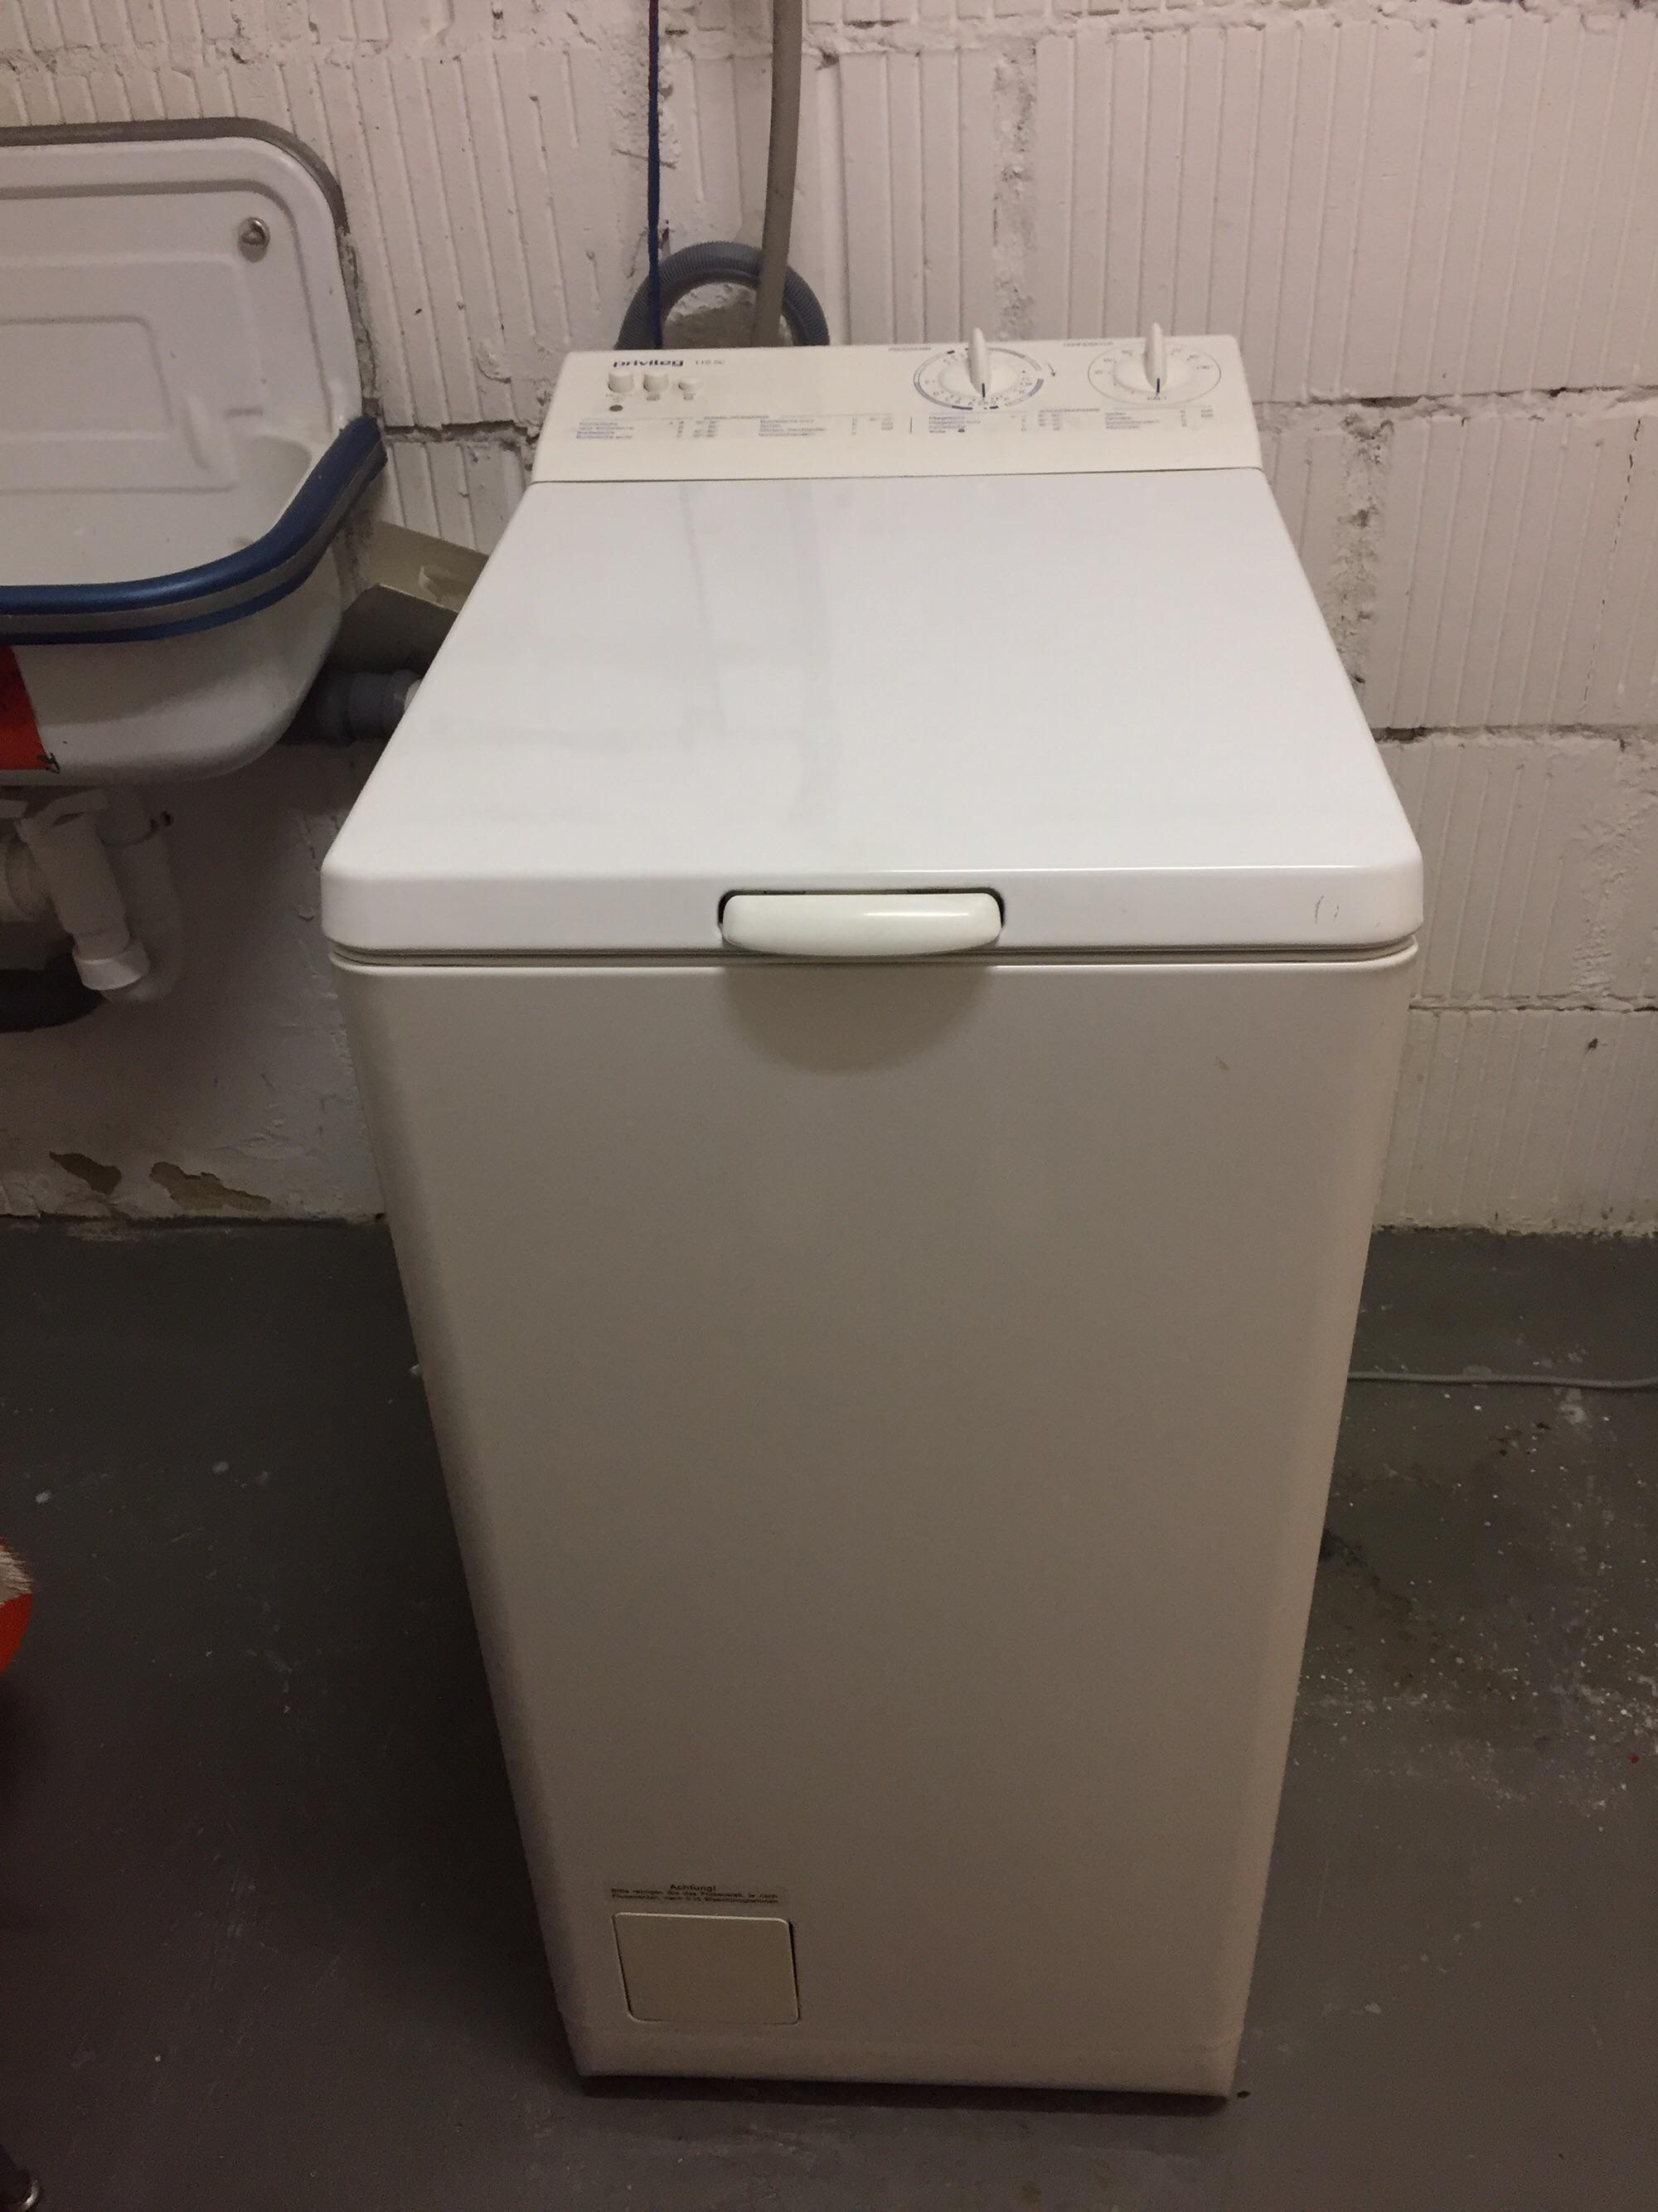 Gebraucht toplader waschmaschine von privileg sc in